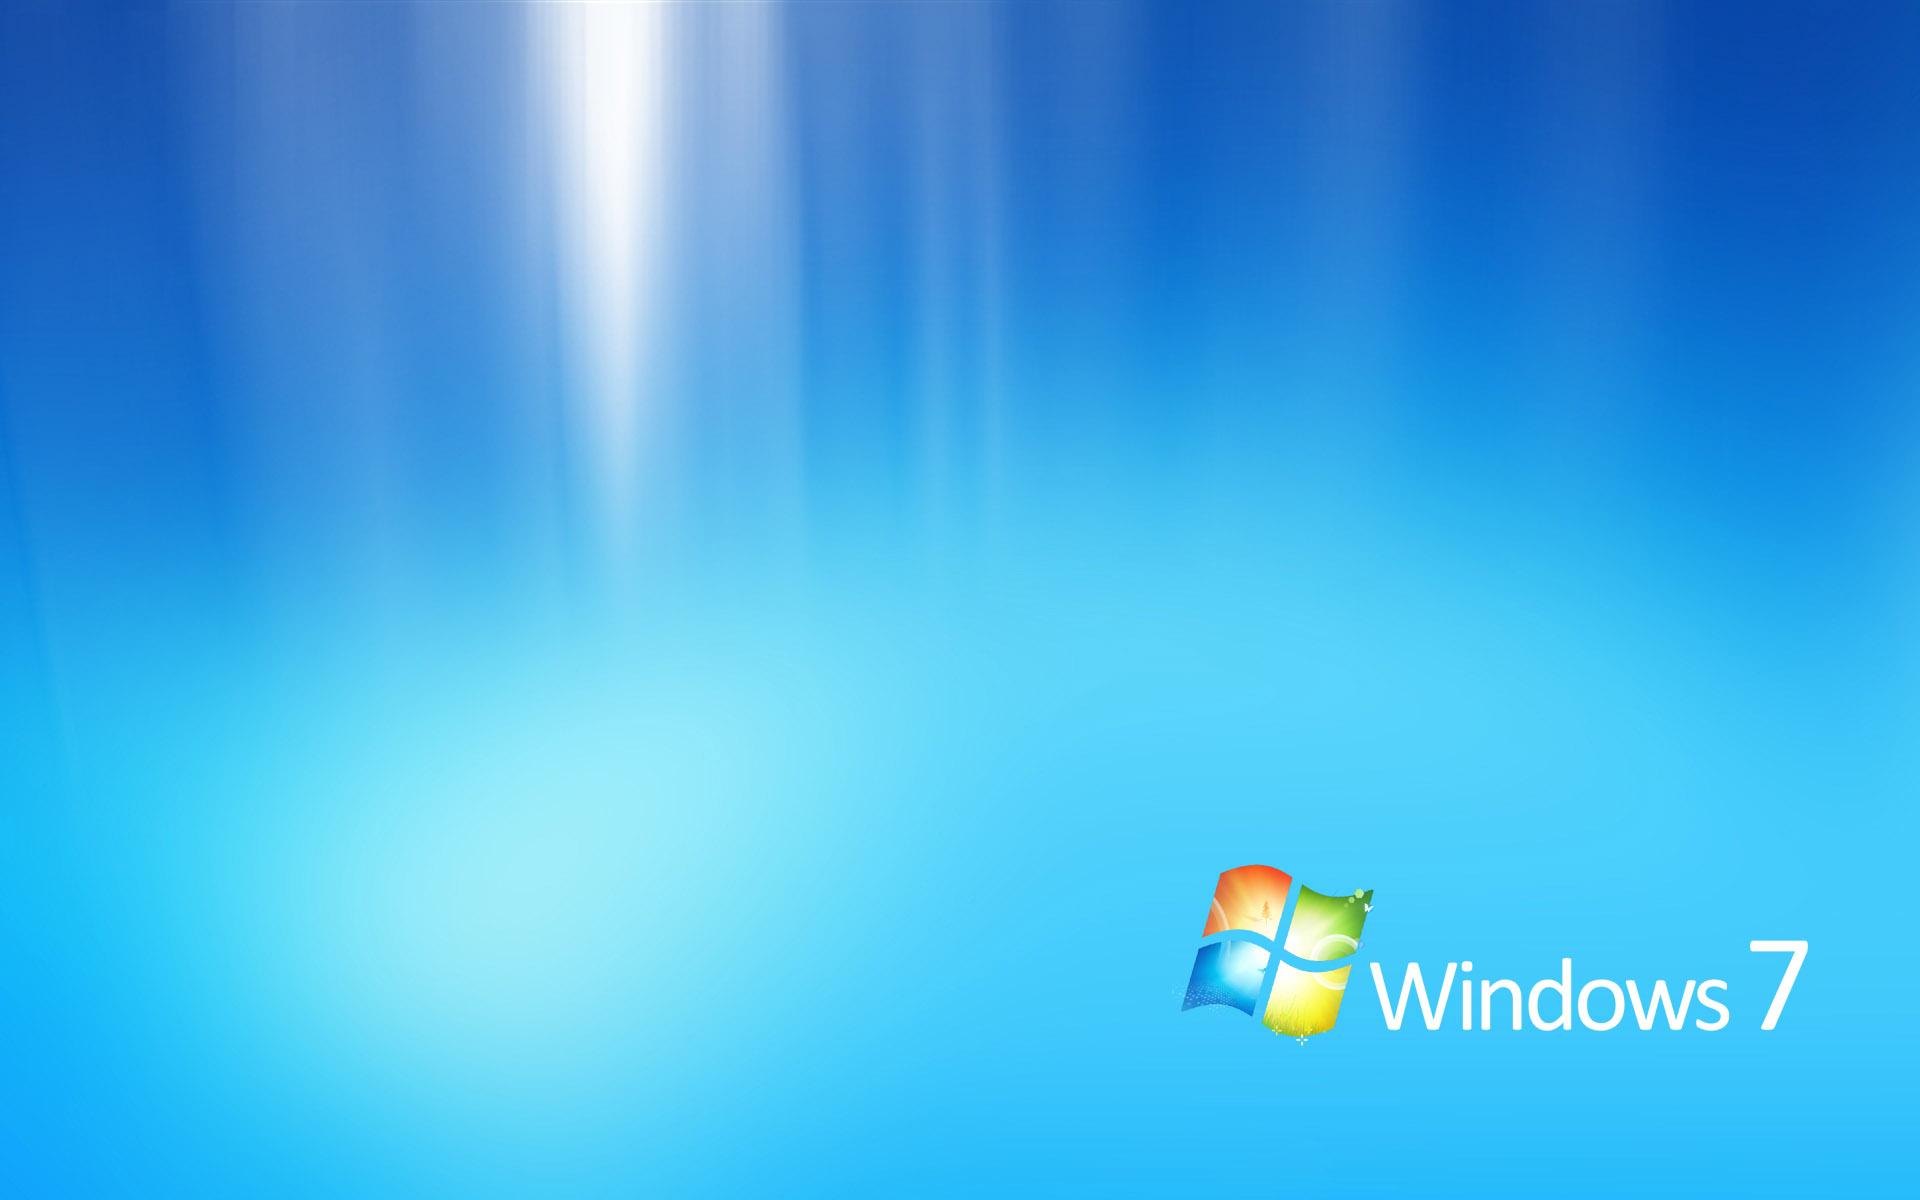 Windows 7 Wallpapers. Bureaublad achtergronden van Windows 7.: www.animaatjes.nl/wallpapers/windows-7/&p=2